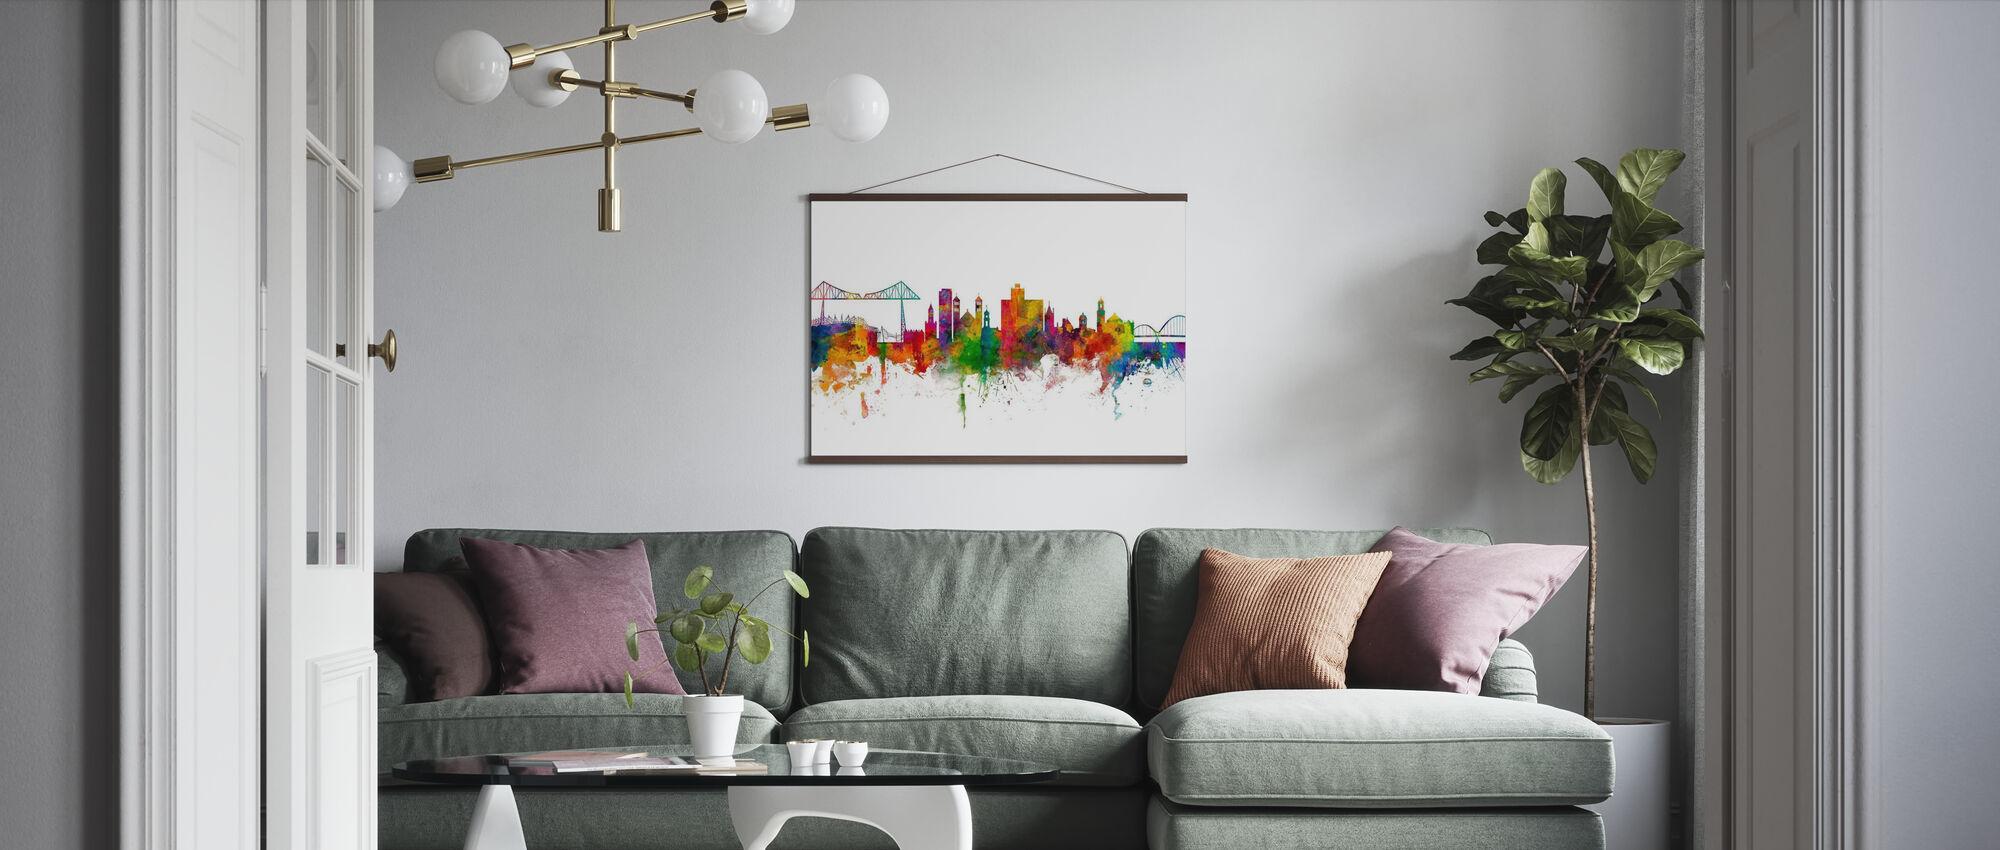 Middlesbrough Skyline - Poster - Living Room